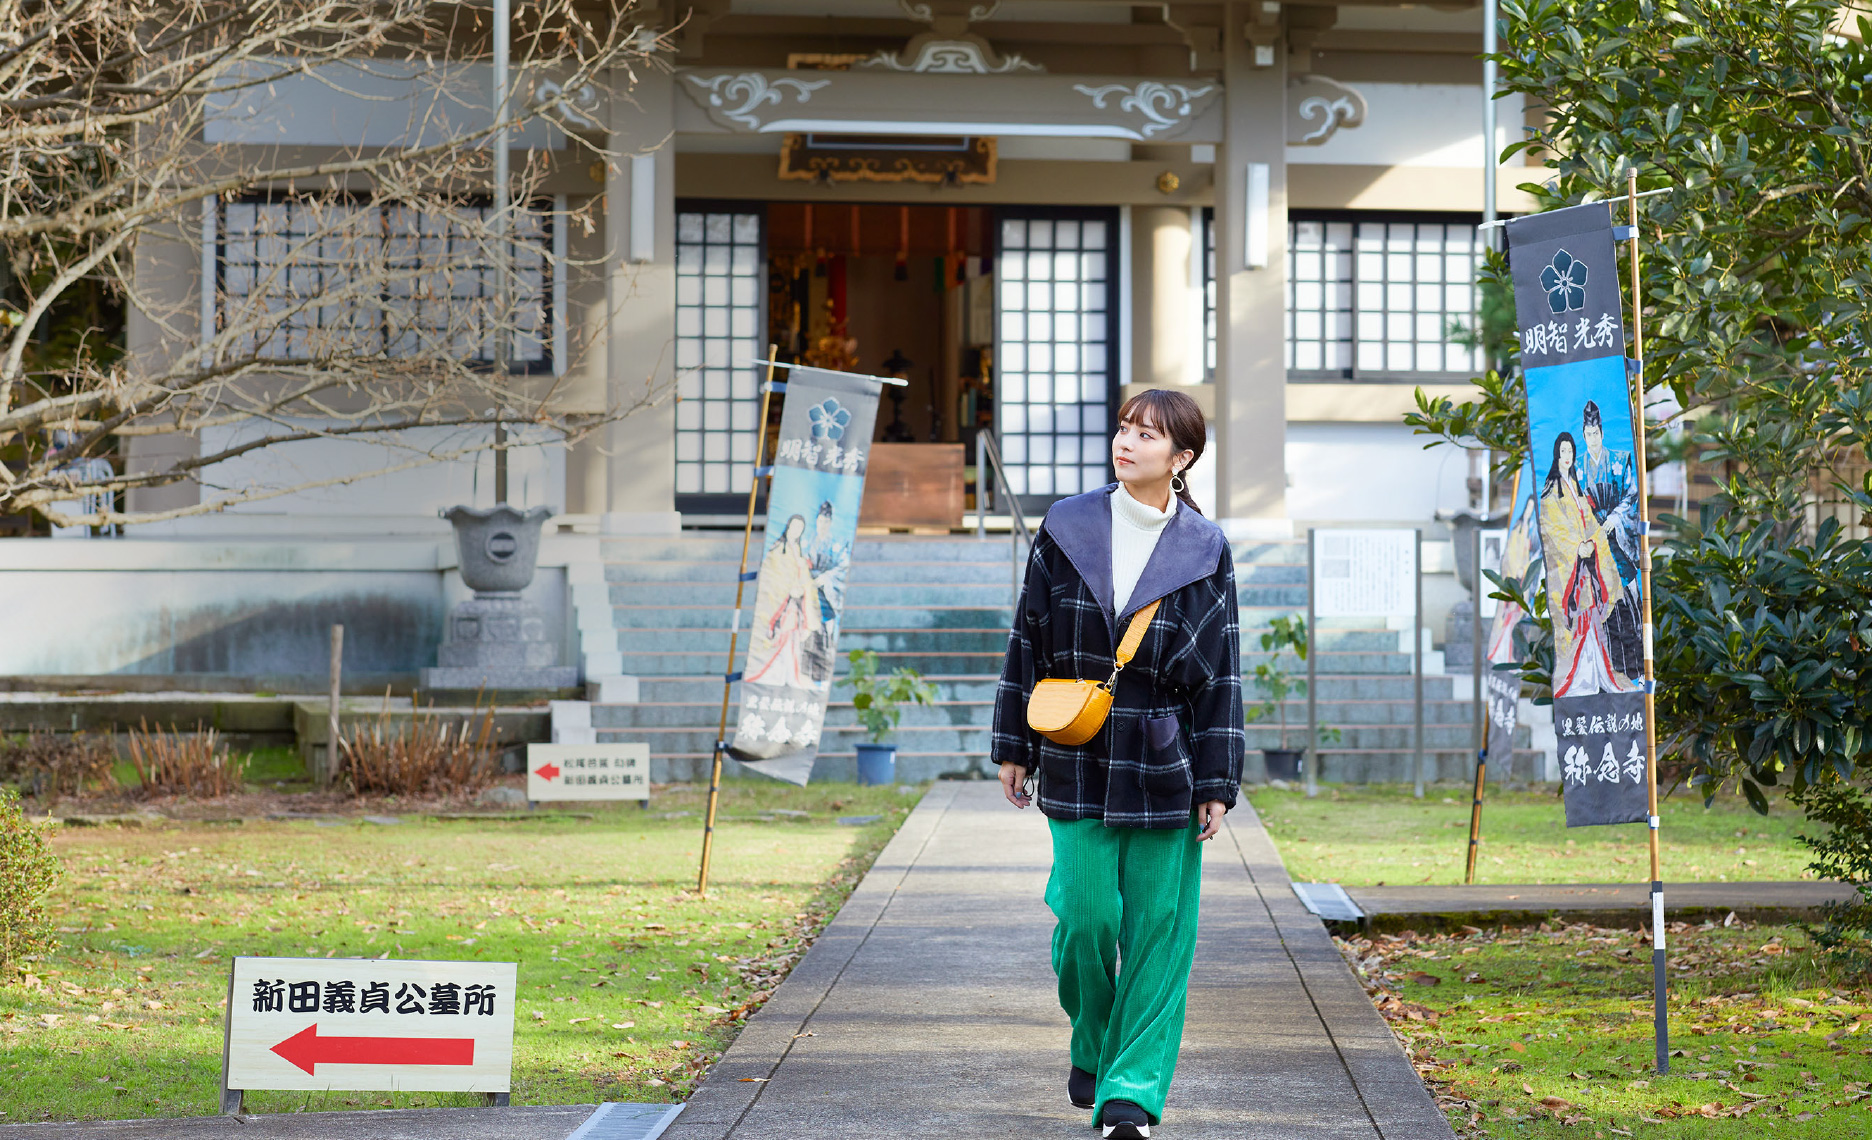 石川恋さんがナビゲート 坂井市で自然と歴史文化に触れる大人の学び旅